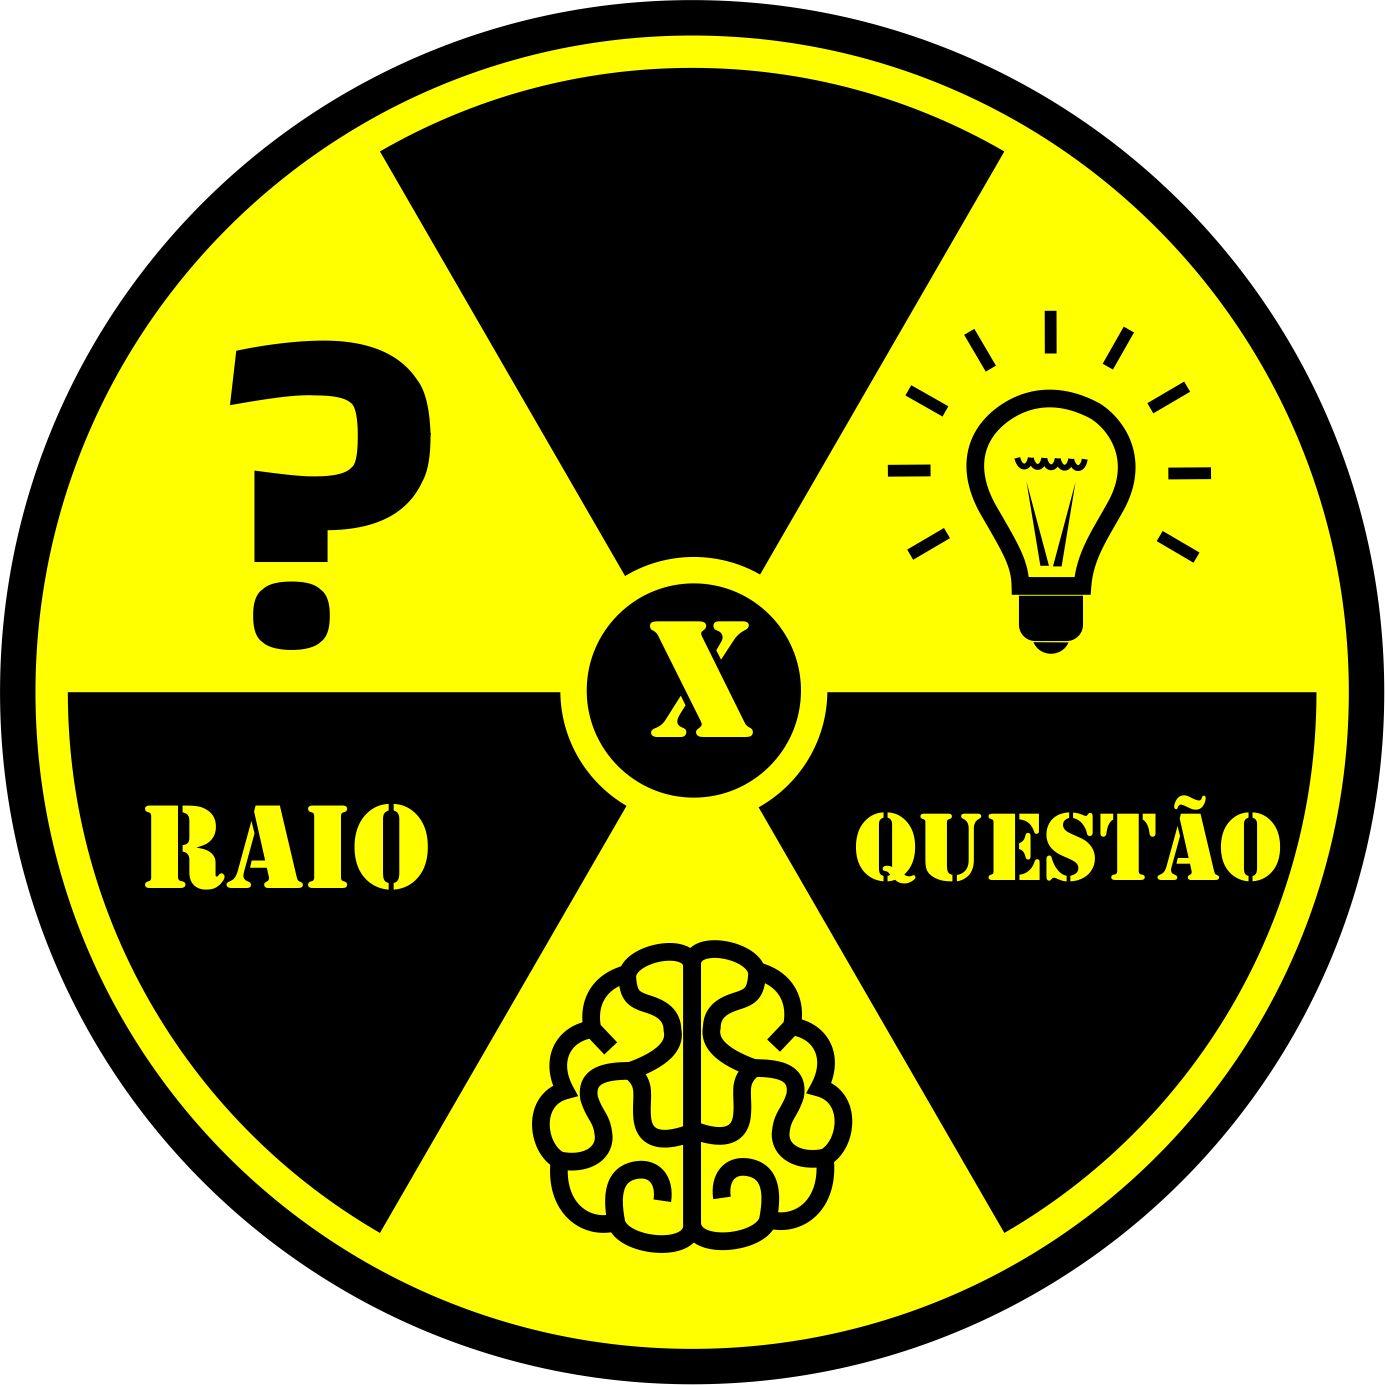 RAIO_X_QUESTAO2